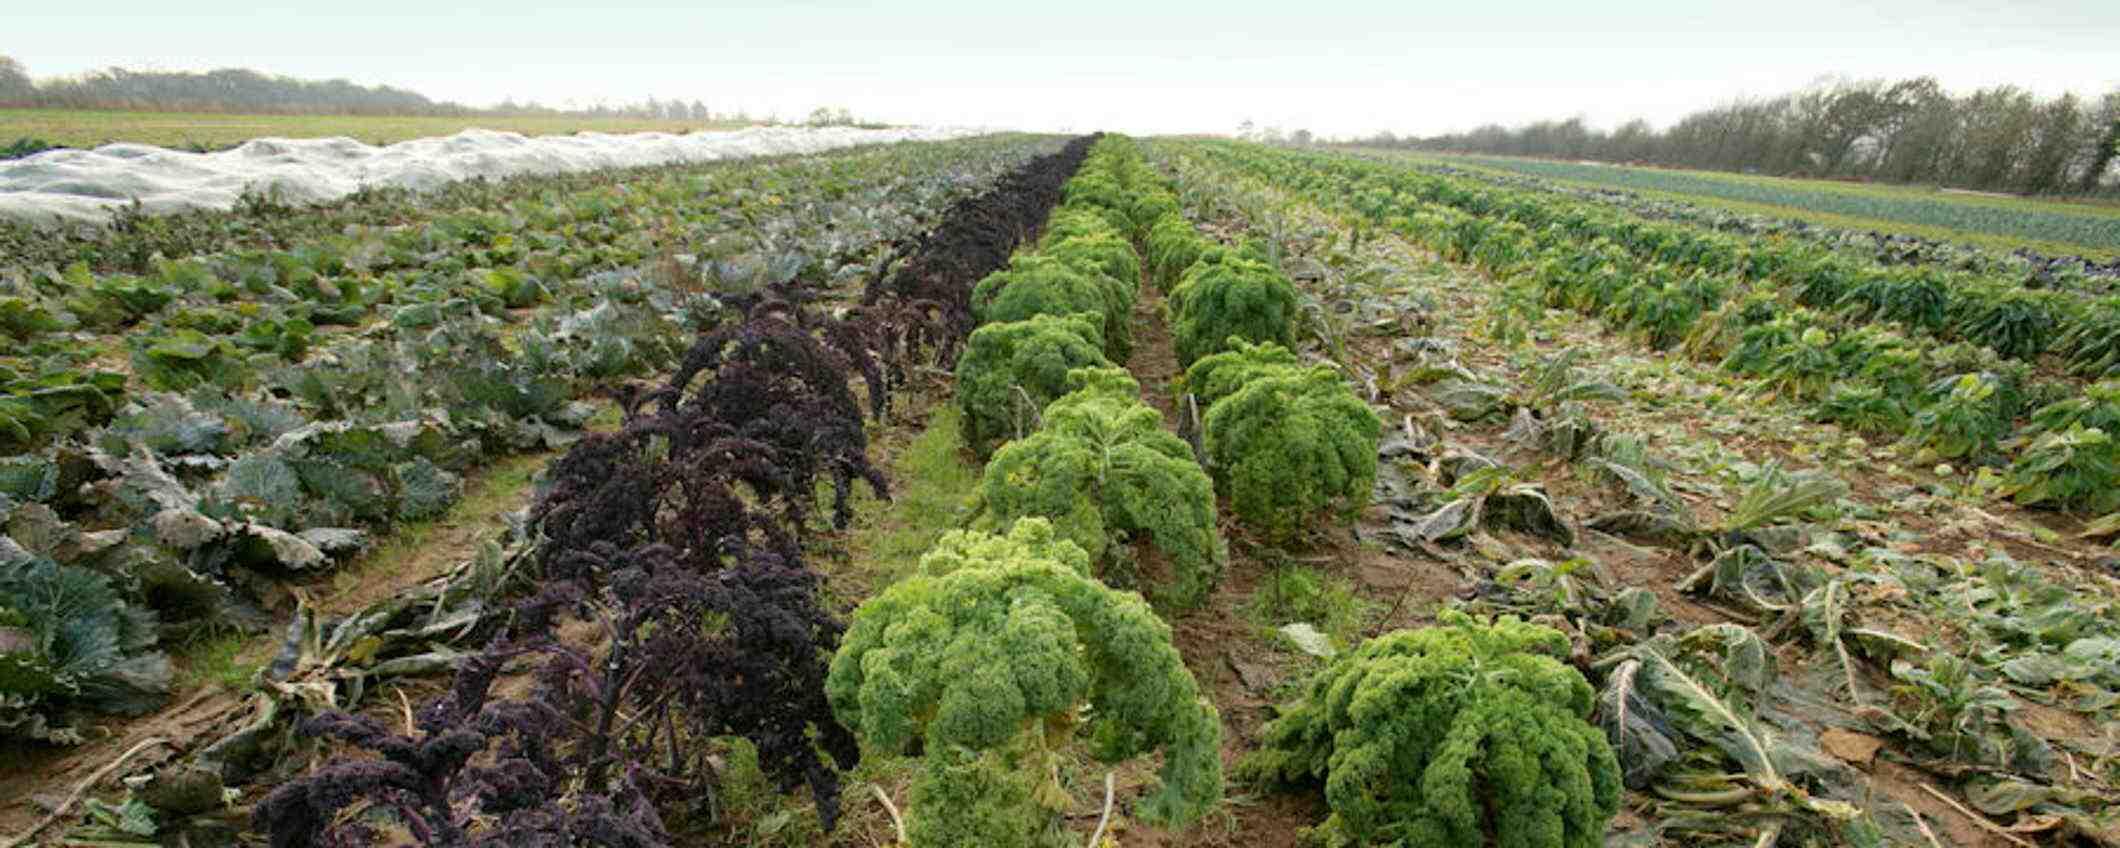 Comment Peut-on définir l'agriculture ?